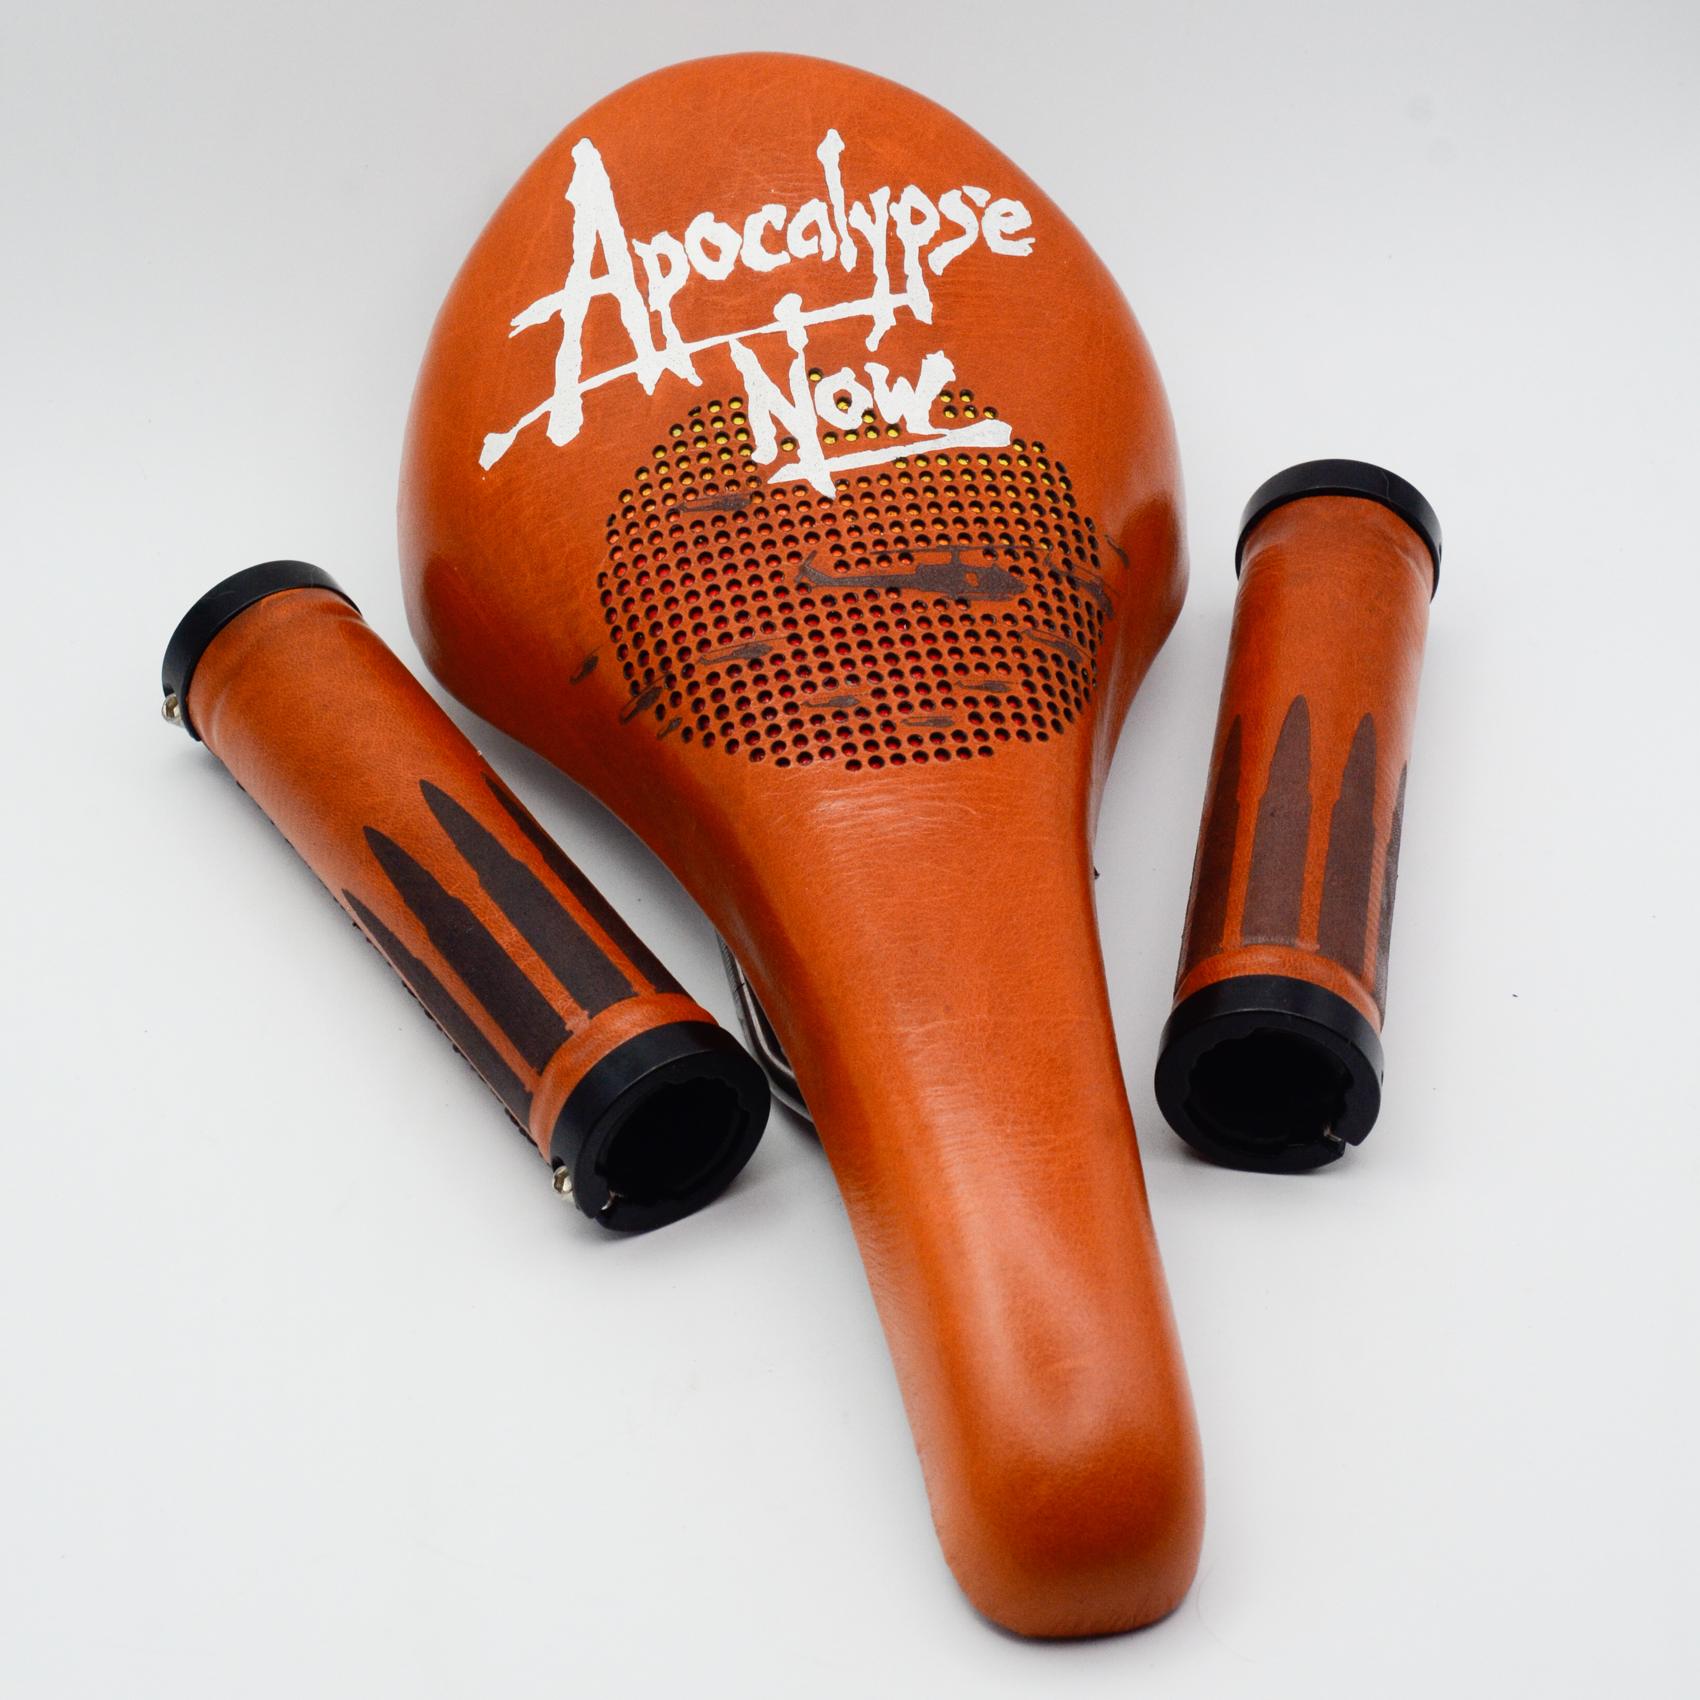 Fizik Apocalypse Now-saddle orange- lehcycling goods-2.jpg